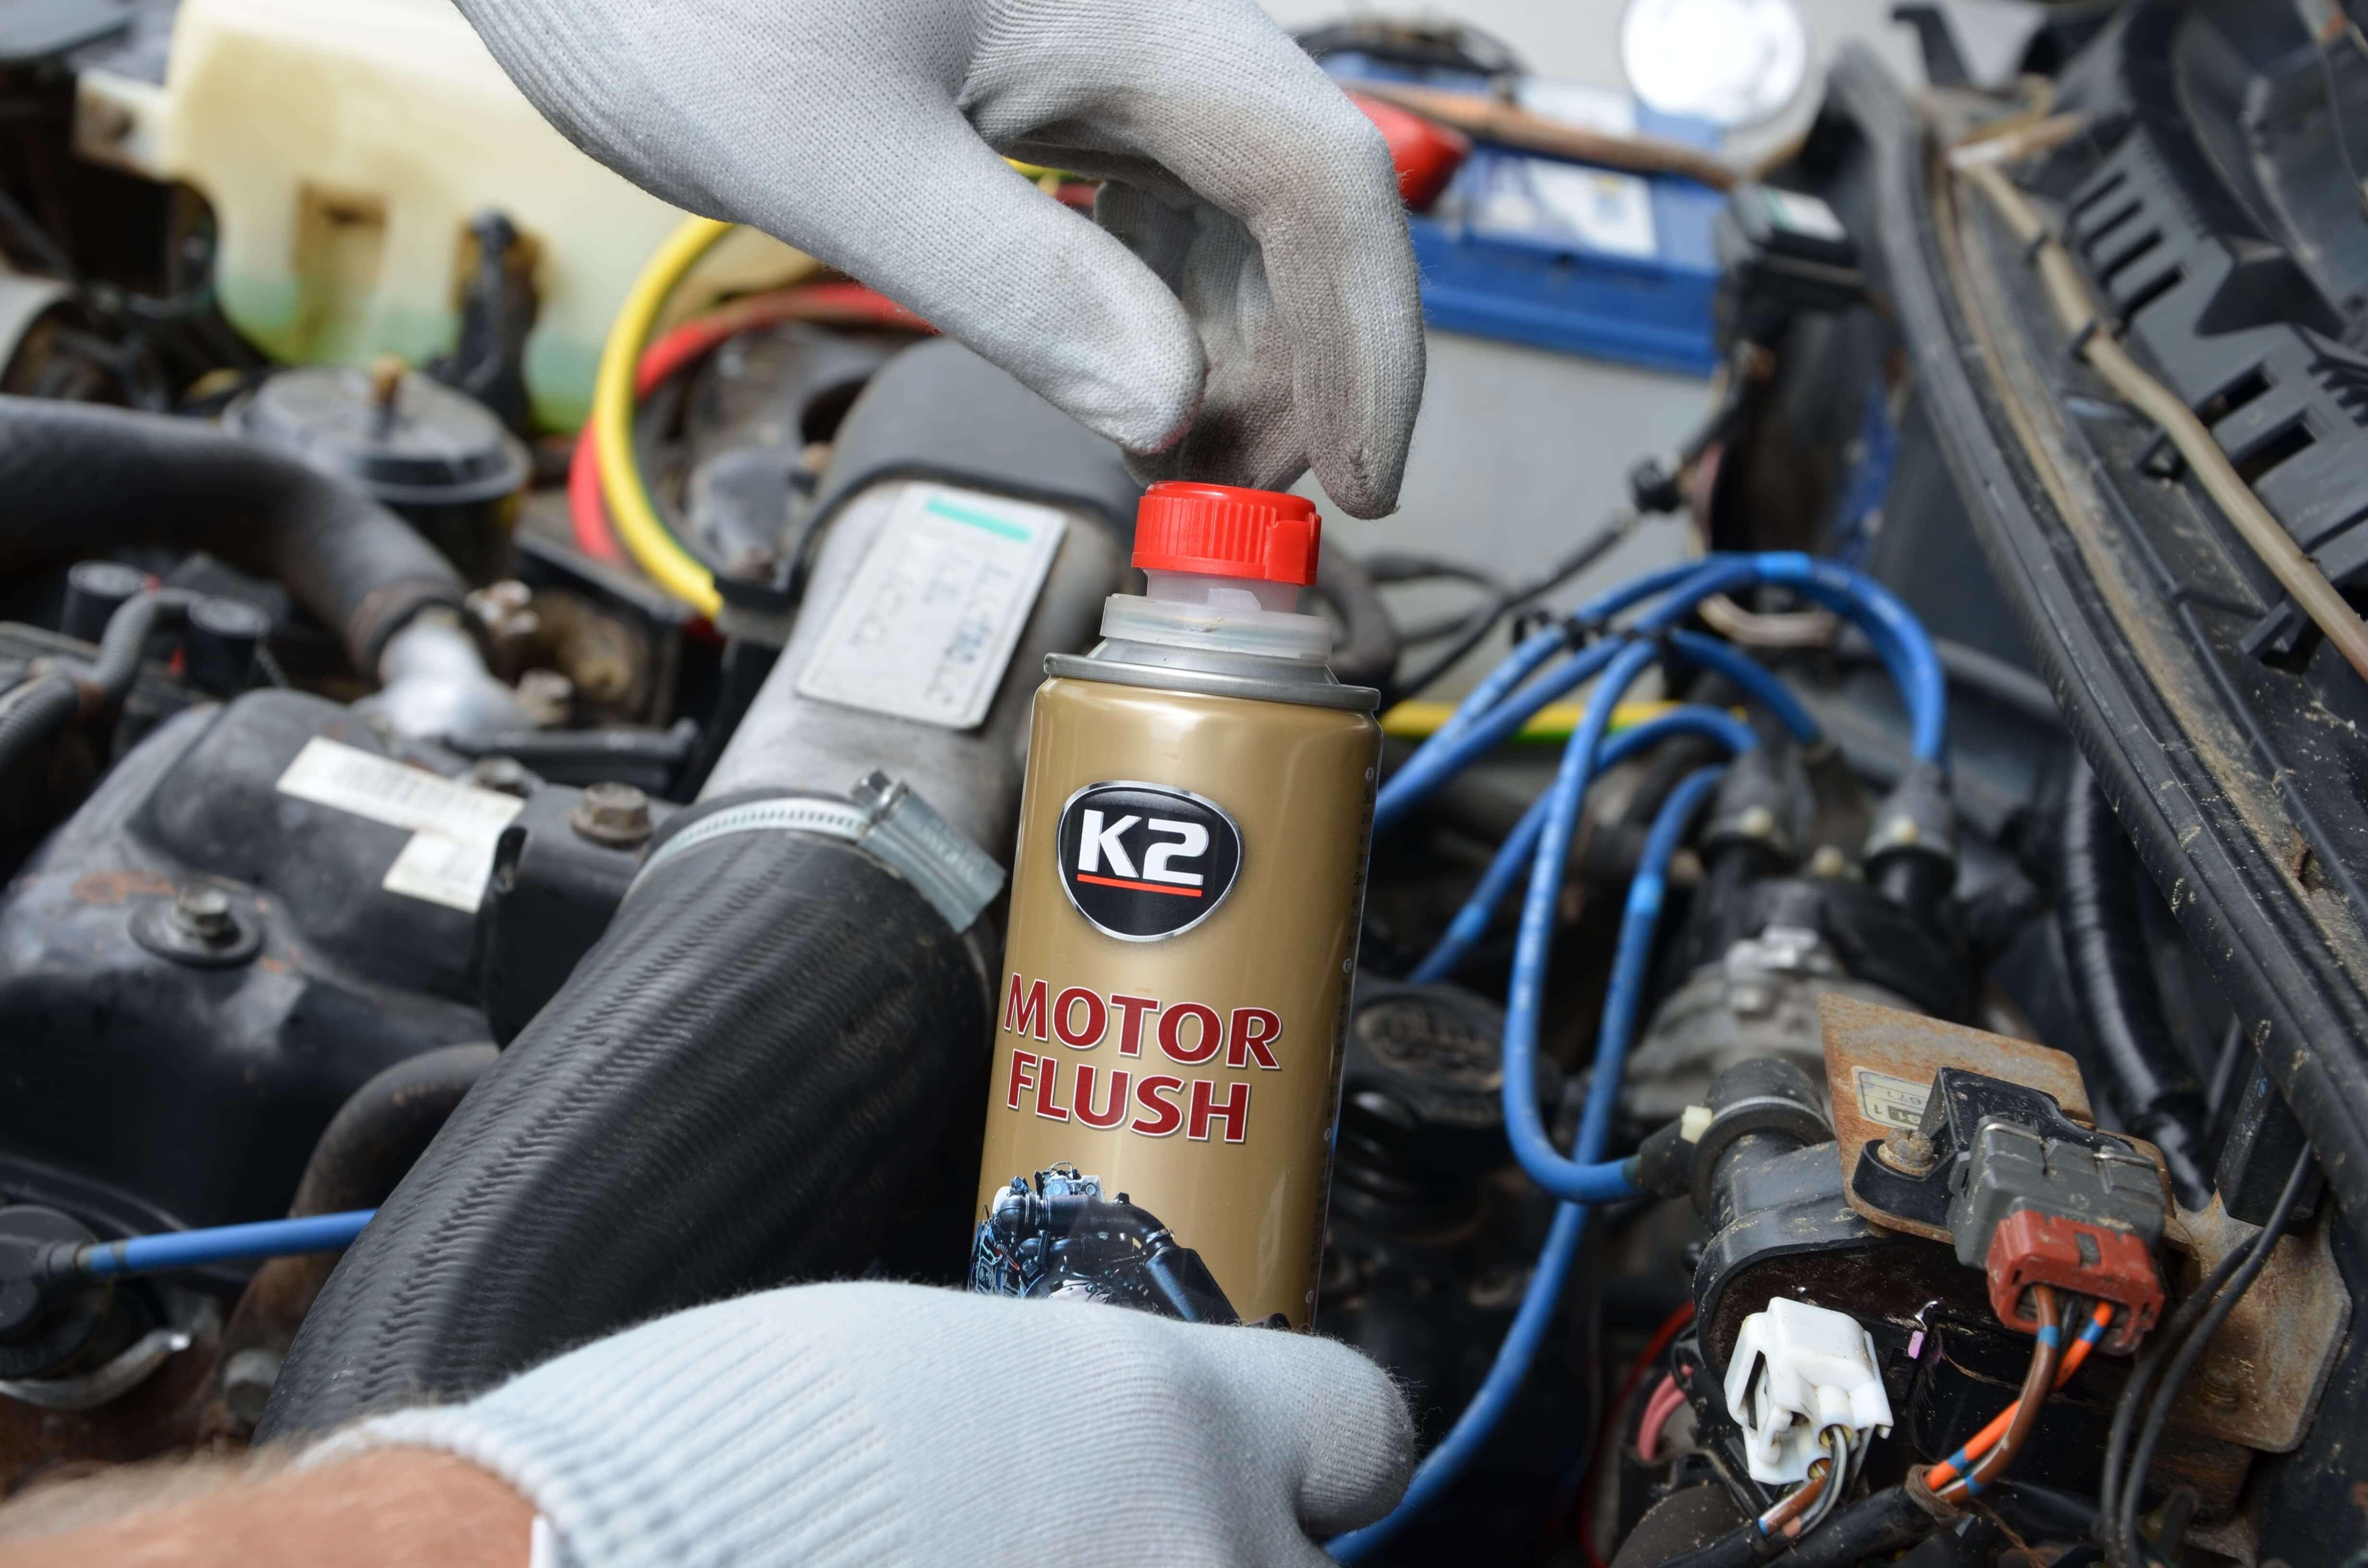 Opakowanie K2 motor flush